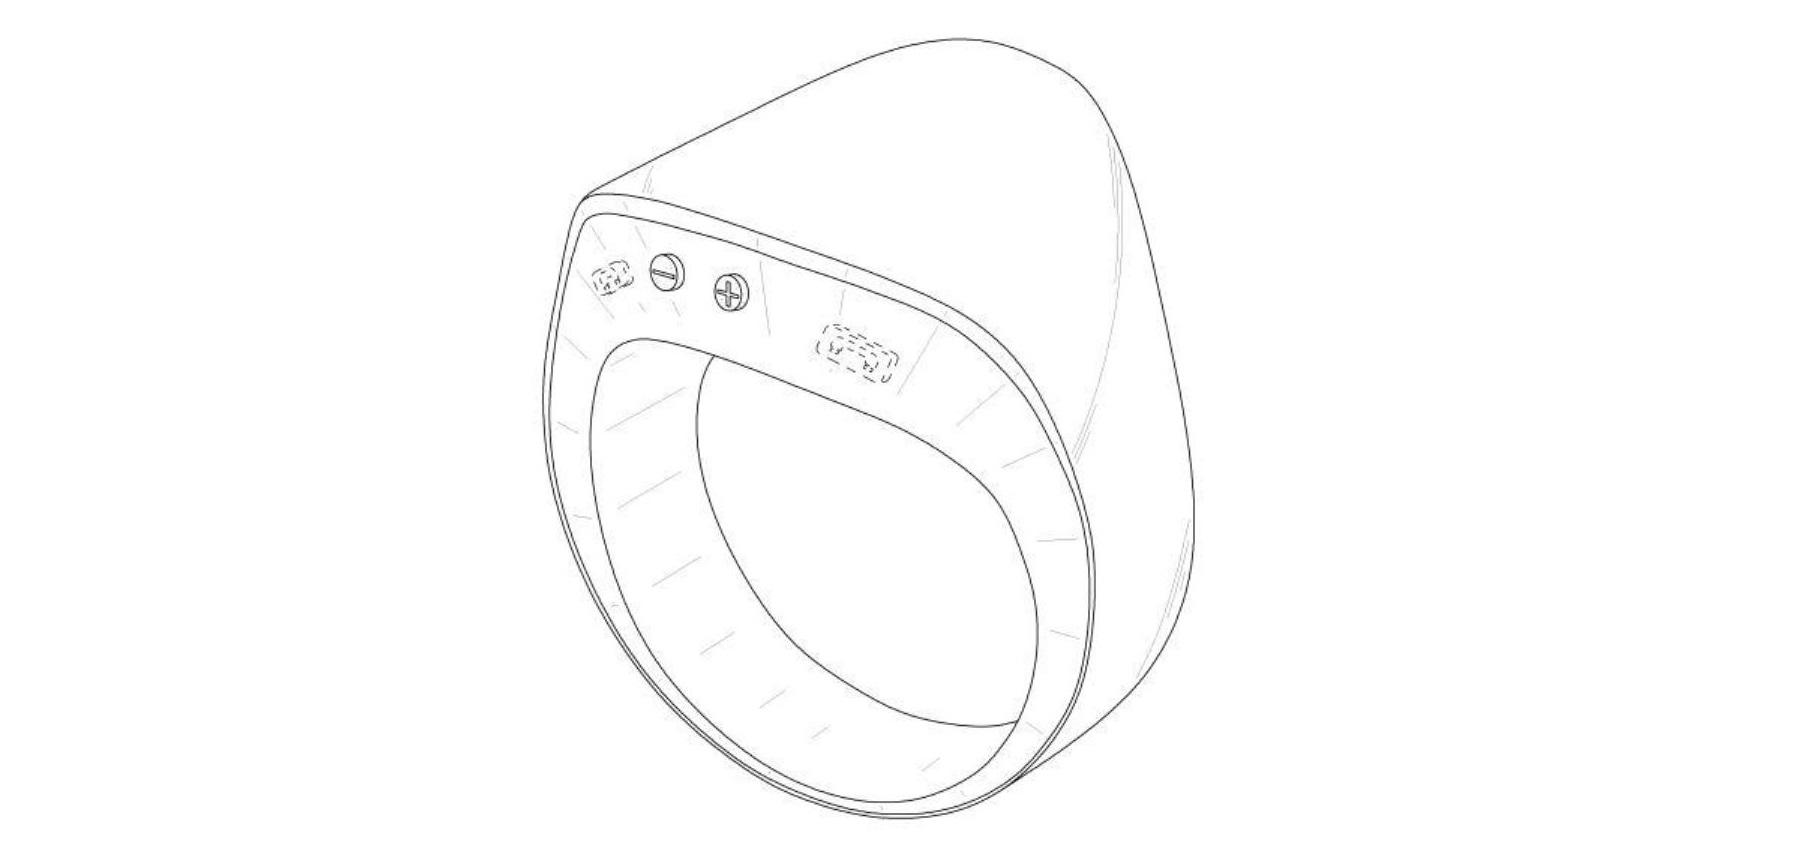 هل تسعى سامسنج لصناعة خاتم ذكي ؟ التفاصيل …